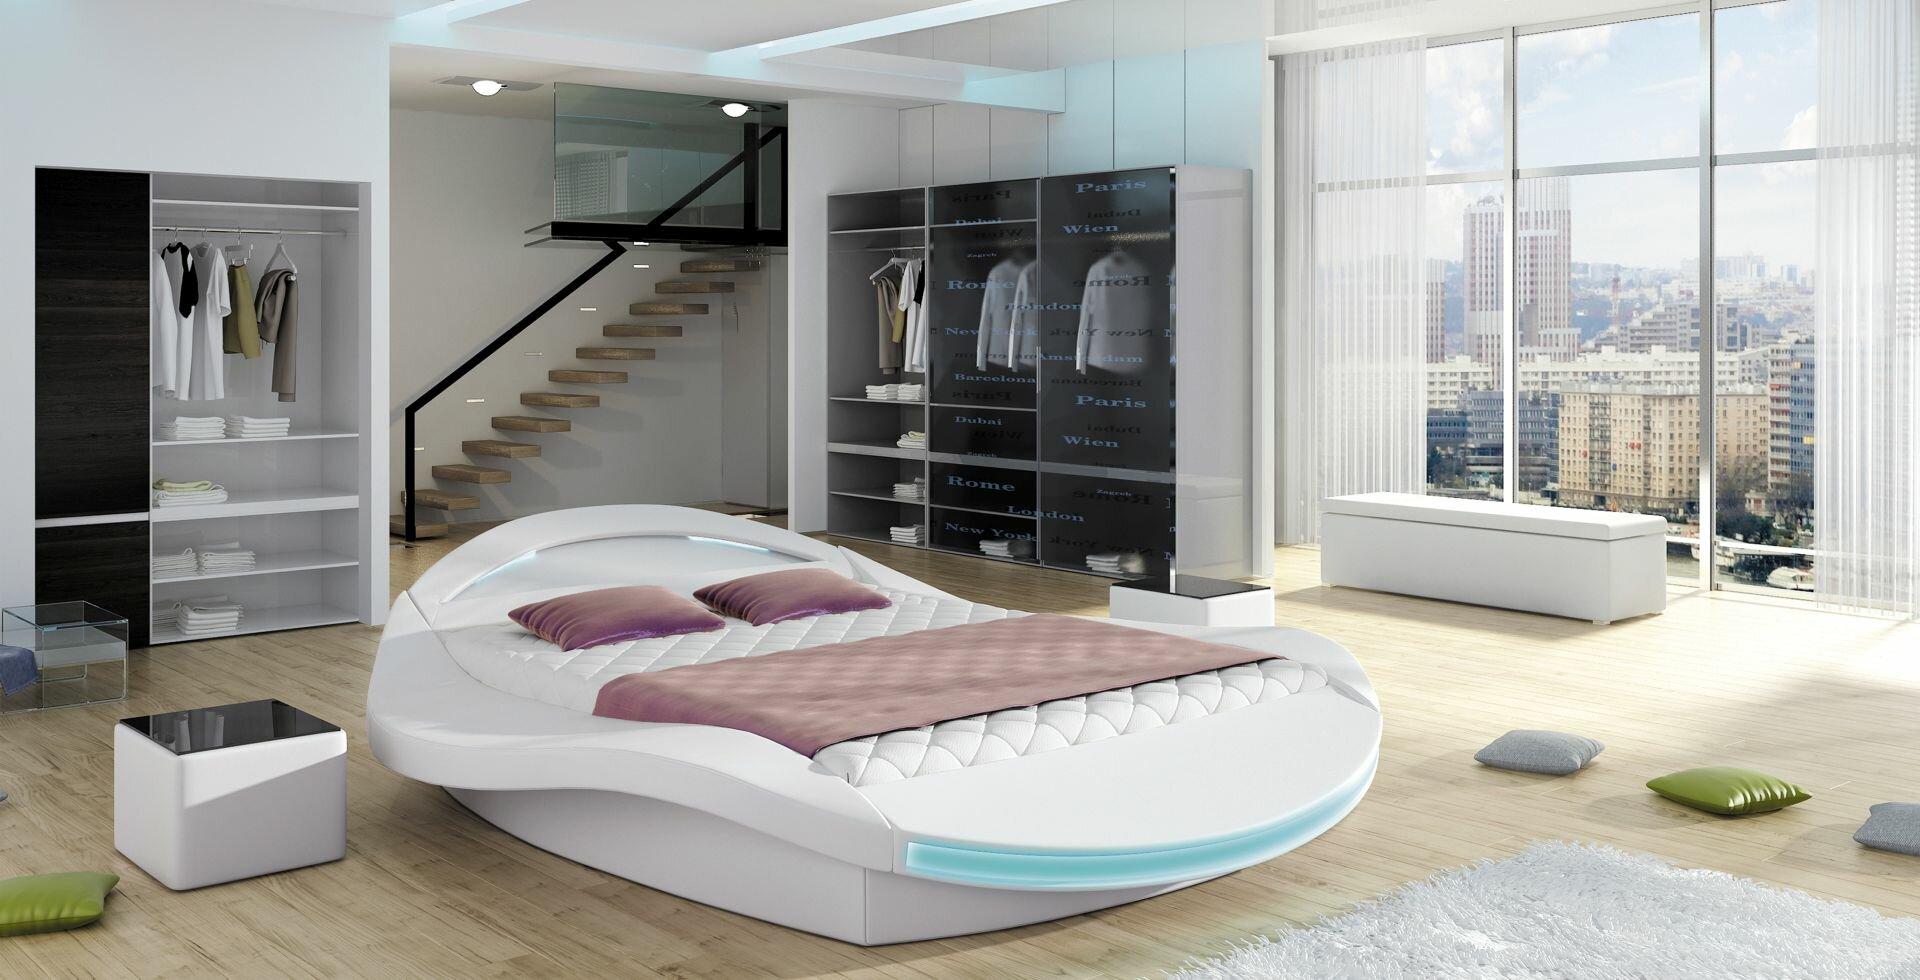 Orren ellis borgholm modern upholstered storage platform bed wayfair